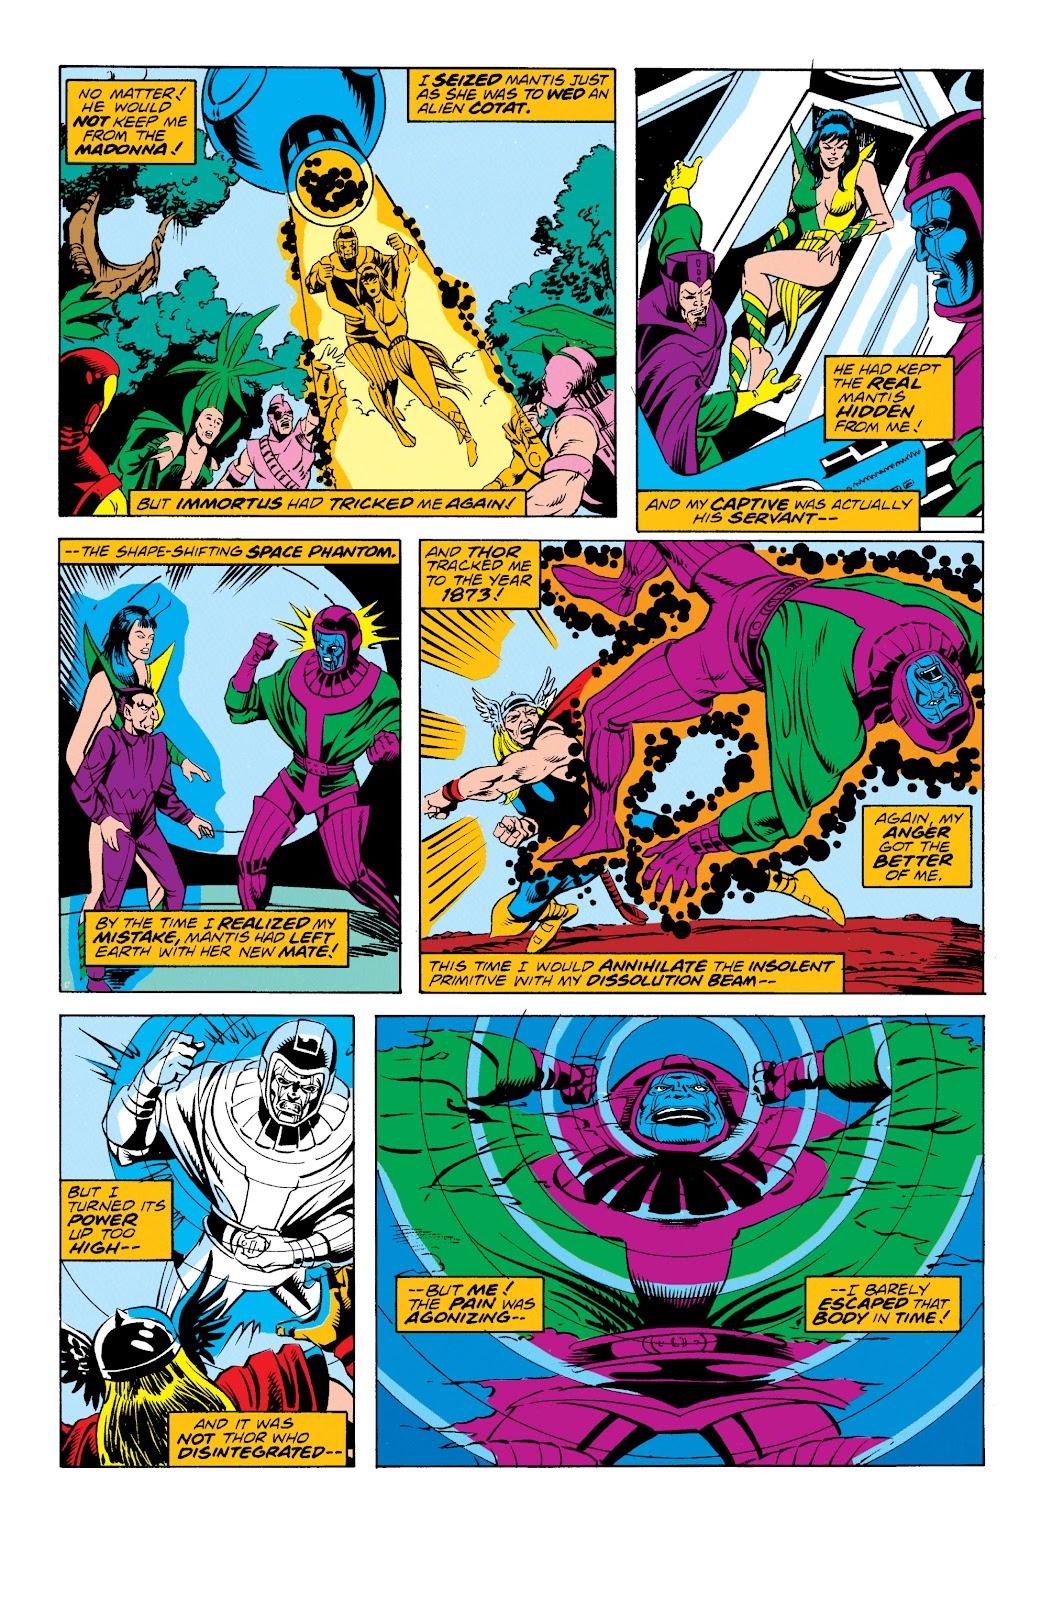 Read online Avengers: Citizen Kang comic -  Issue # TPB (Part 2) - 64